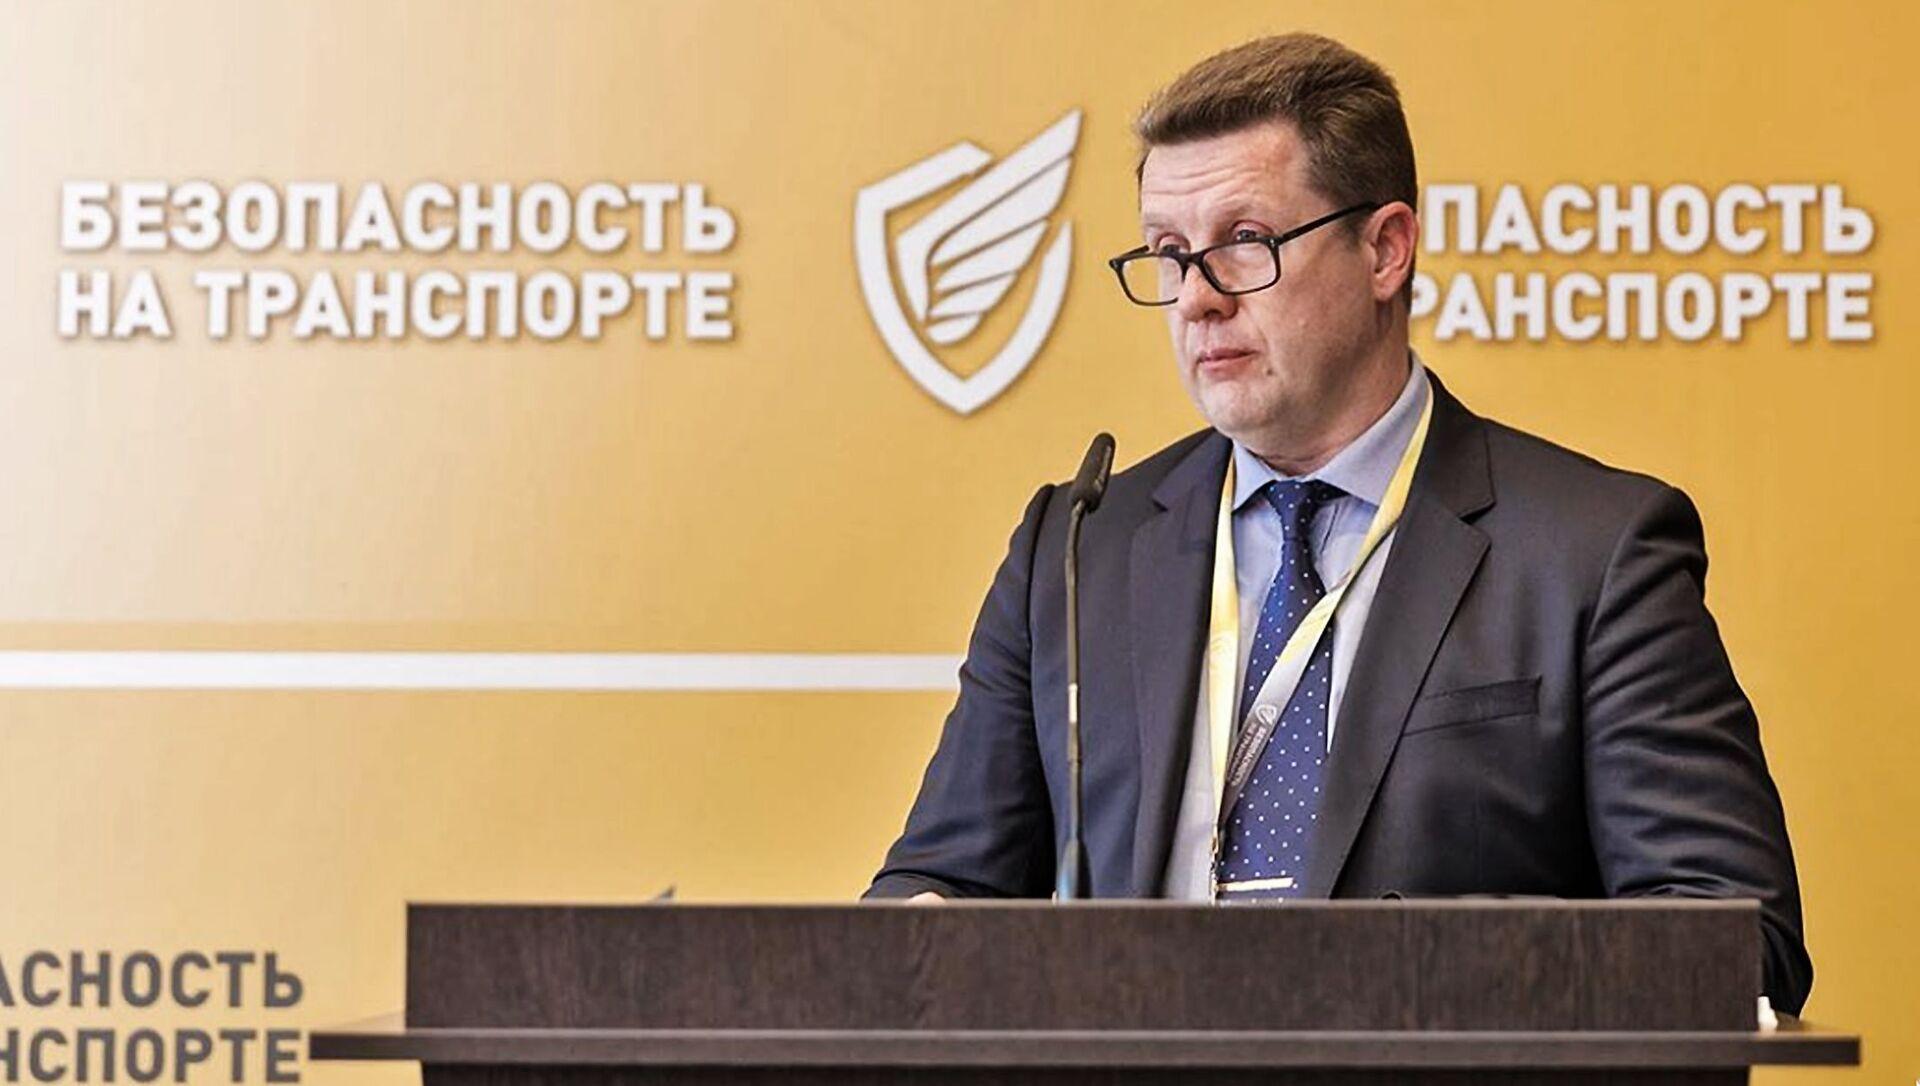 Сергей Храпач, председатель правления ассоциации Межрегионавтотранс - Sputnik Латвия, 1920, 01.04.2021